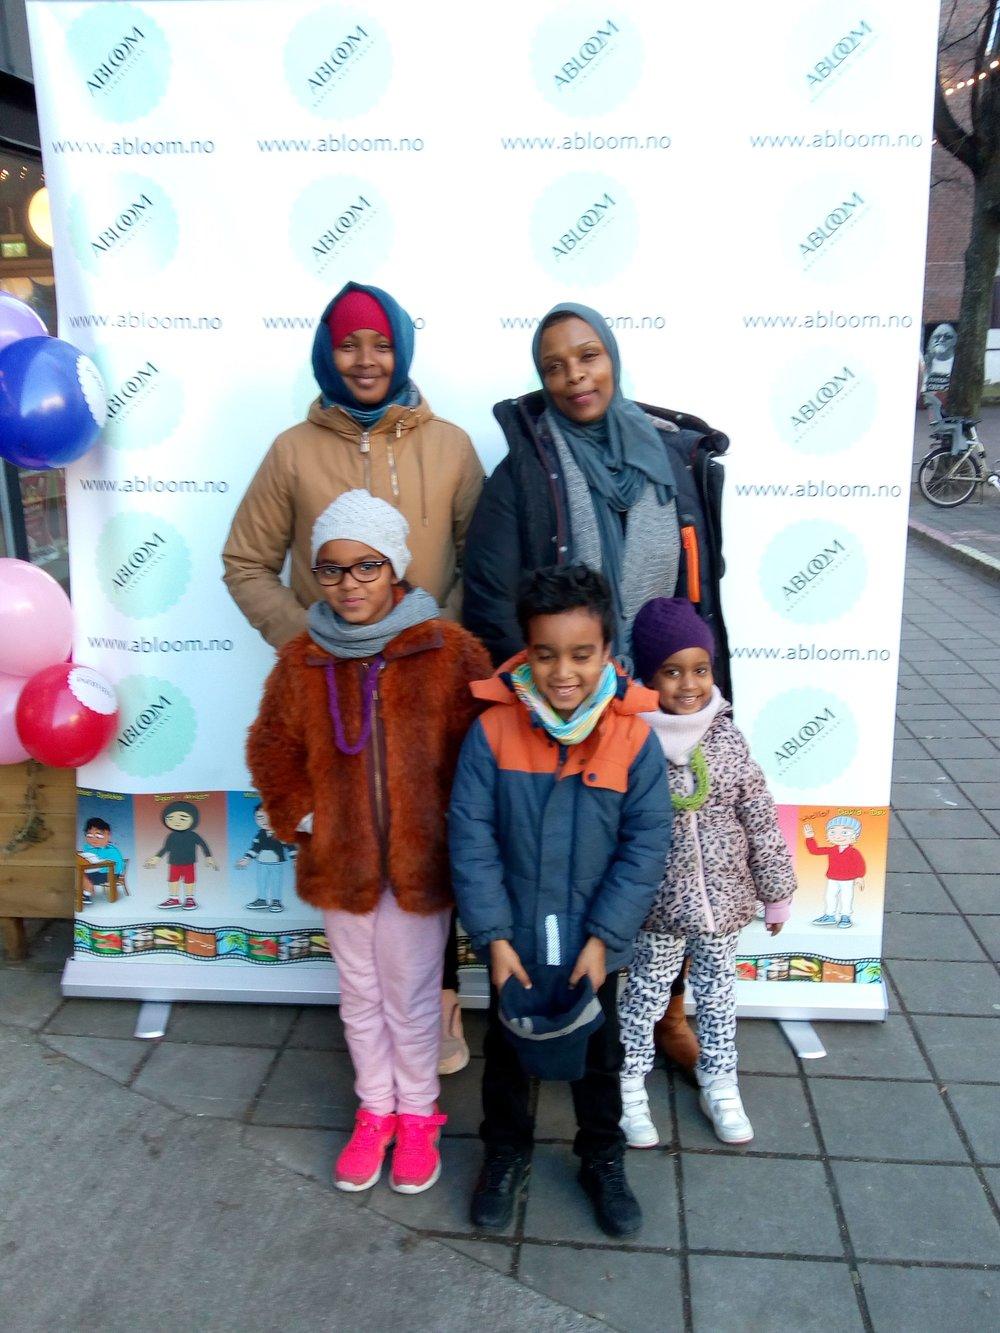 Populær vegg: Flere barnefamilier poserte foran Abloom-veggen under kickoffen søndag ettermiddag.